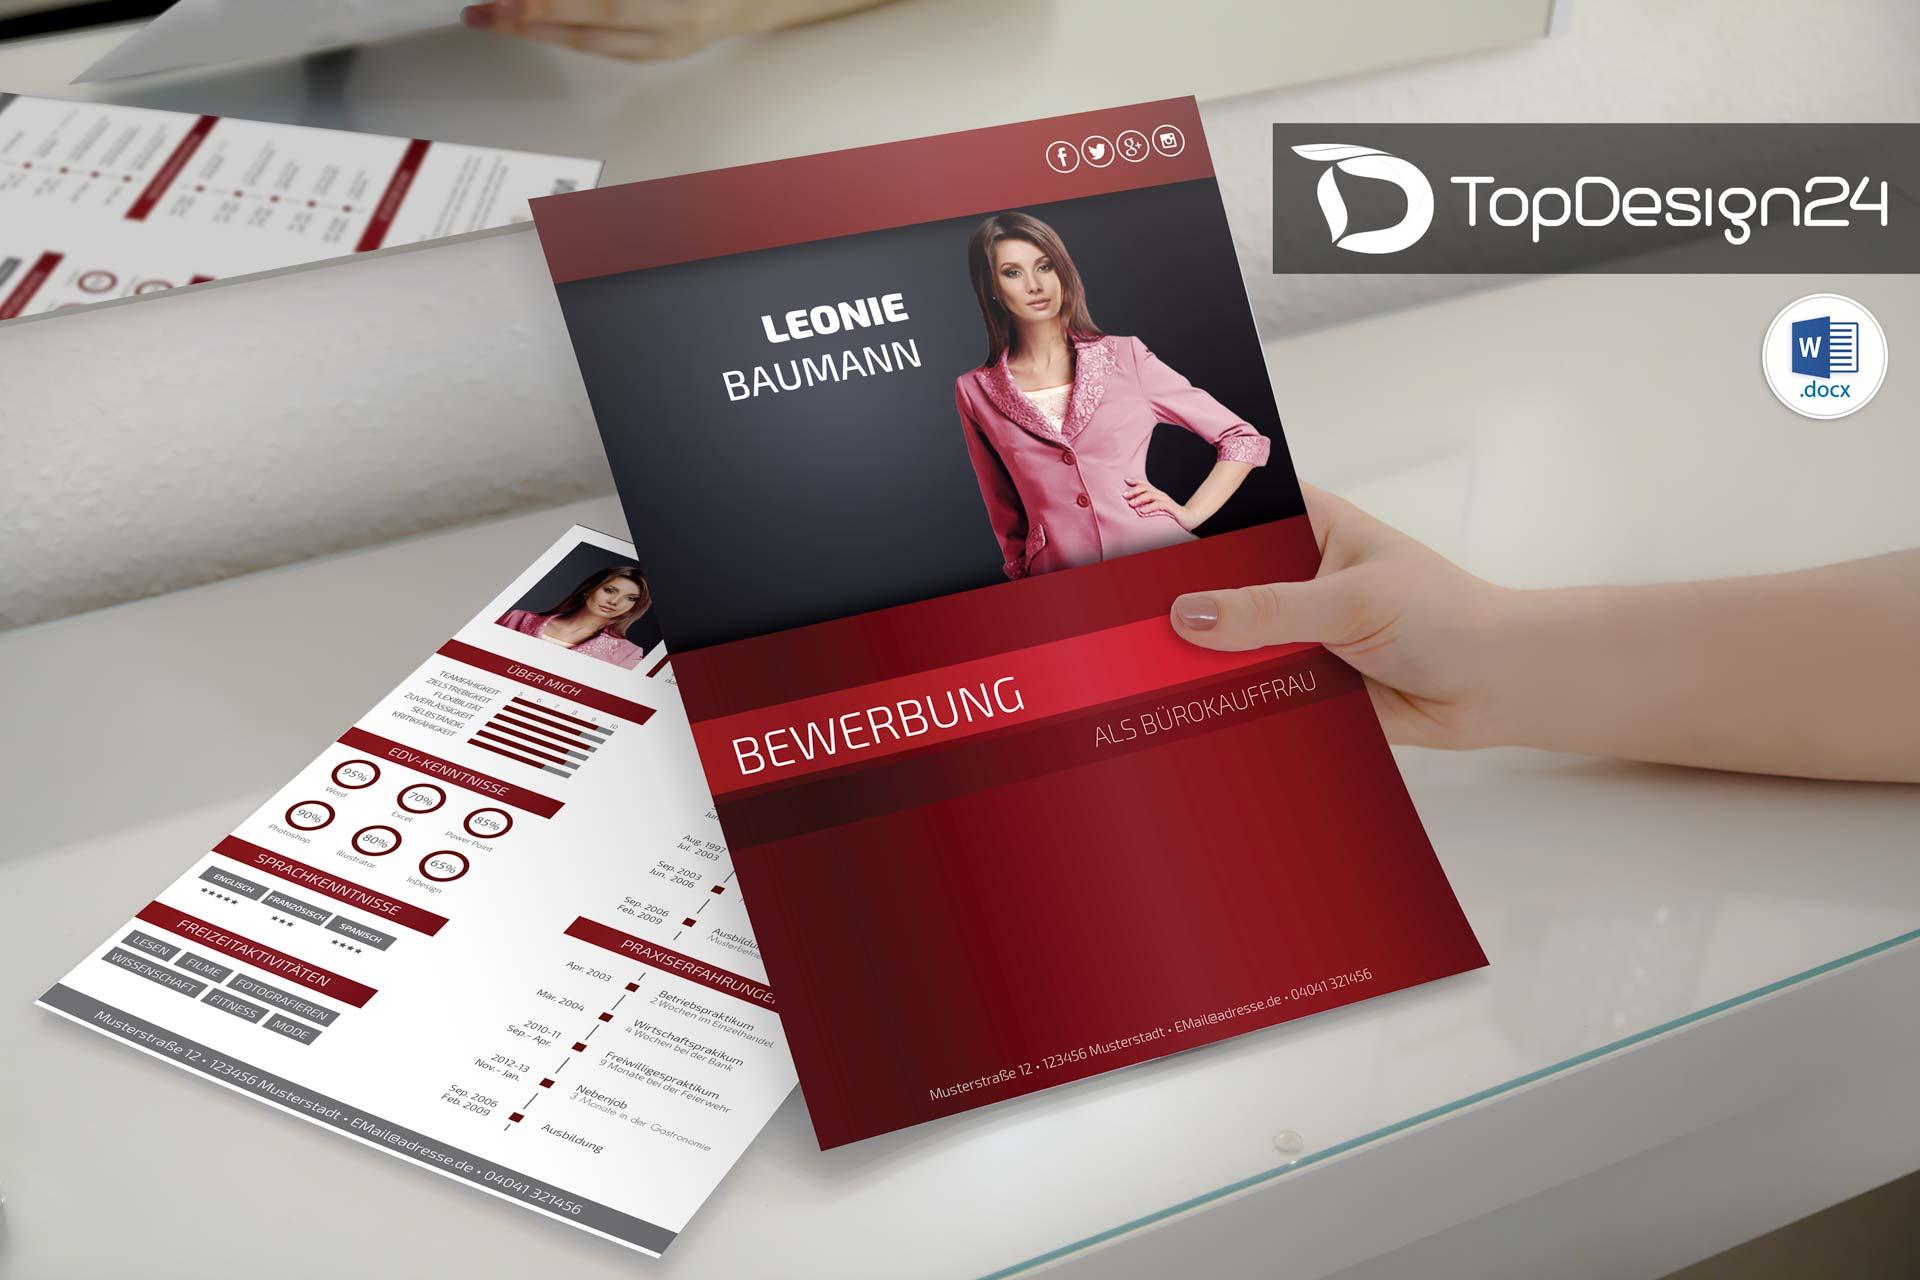 Deckblatt design bewerbung topdesign24 for Spiegel titelblatt